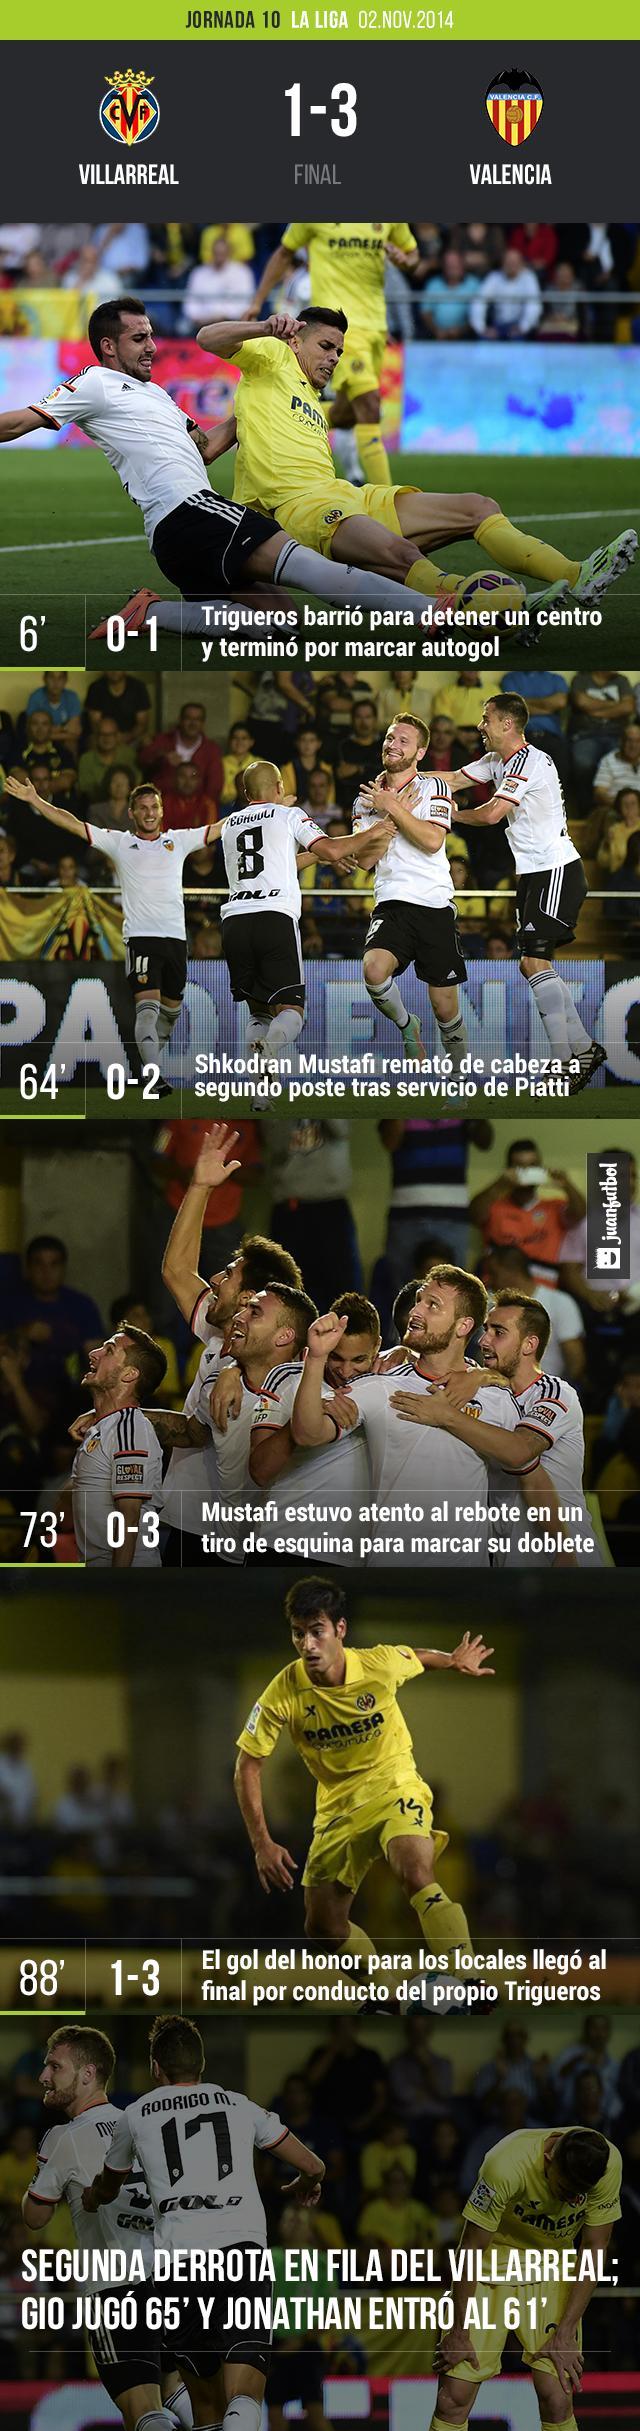 Villarreal vs. Valencia